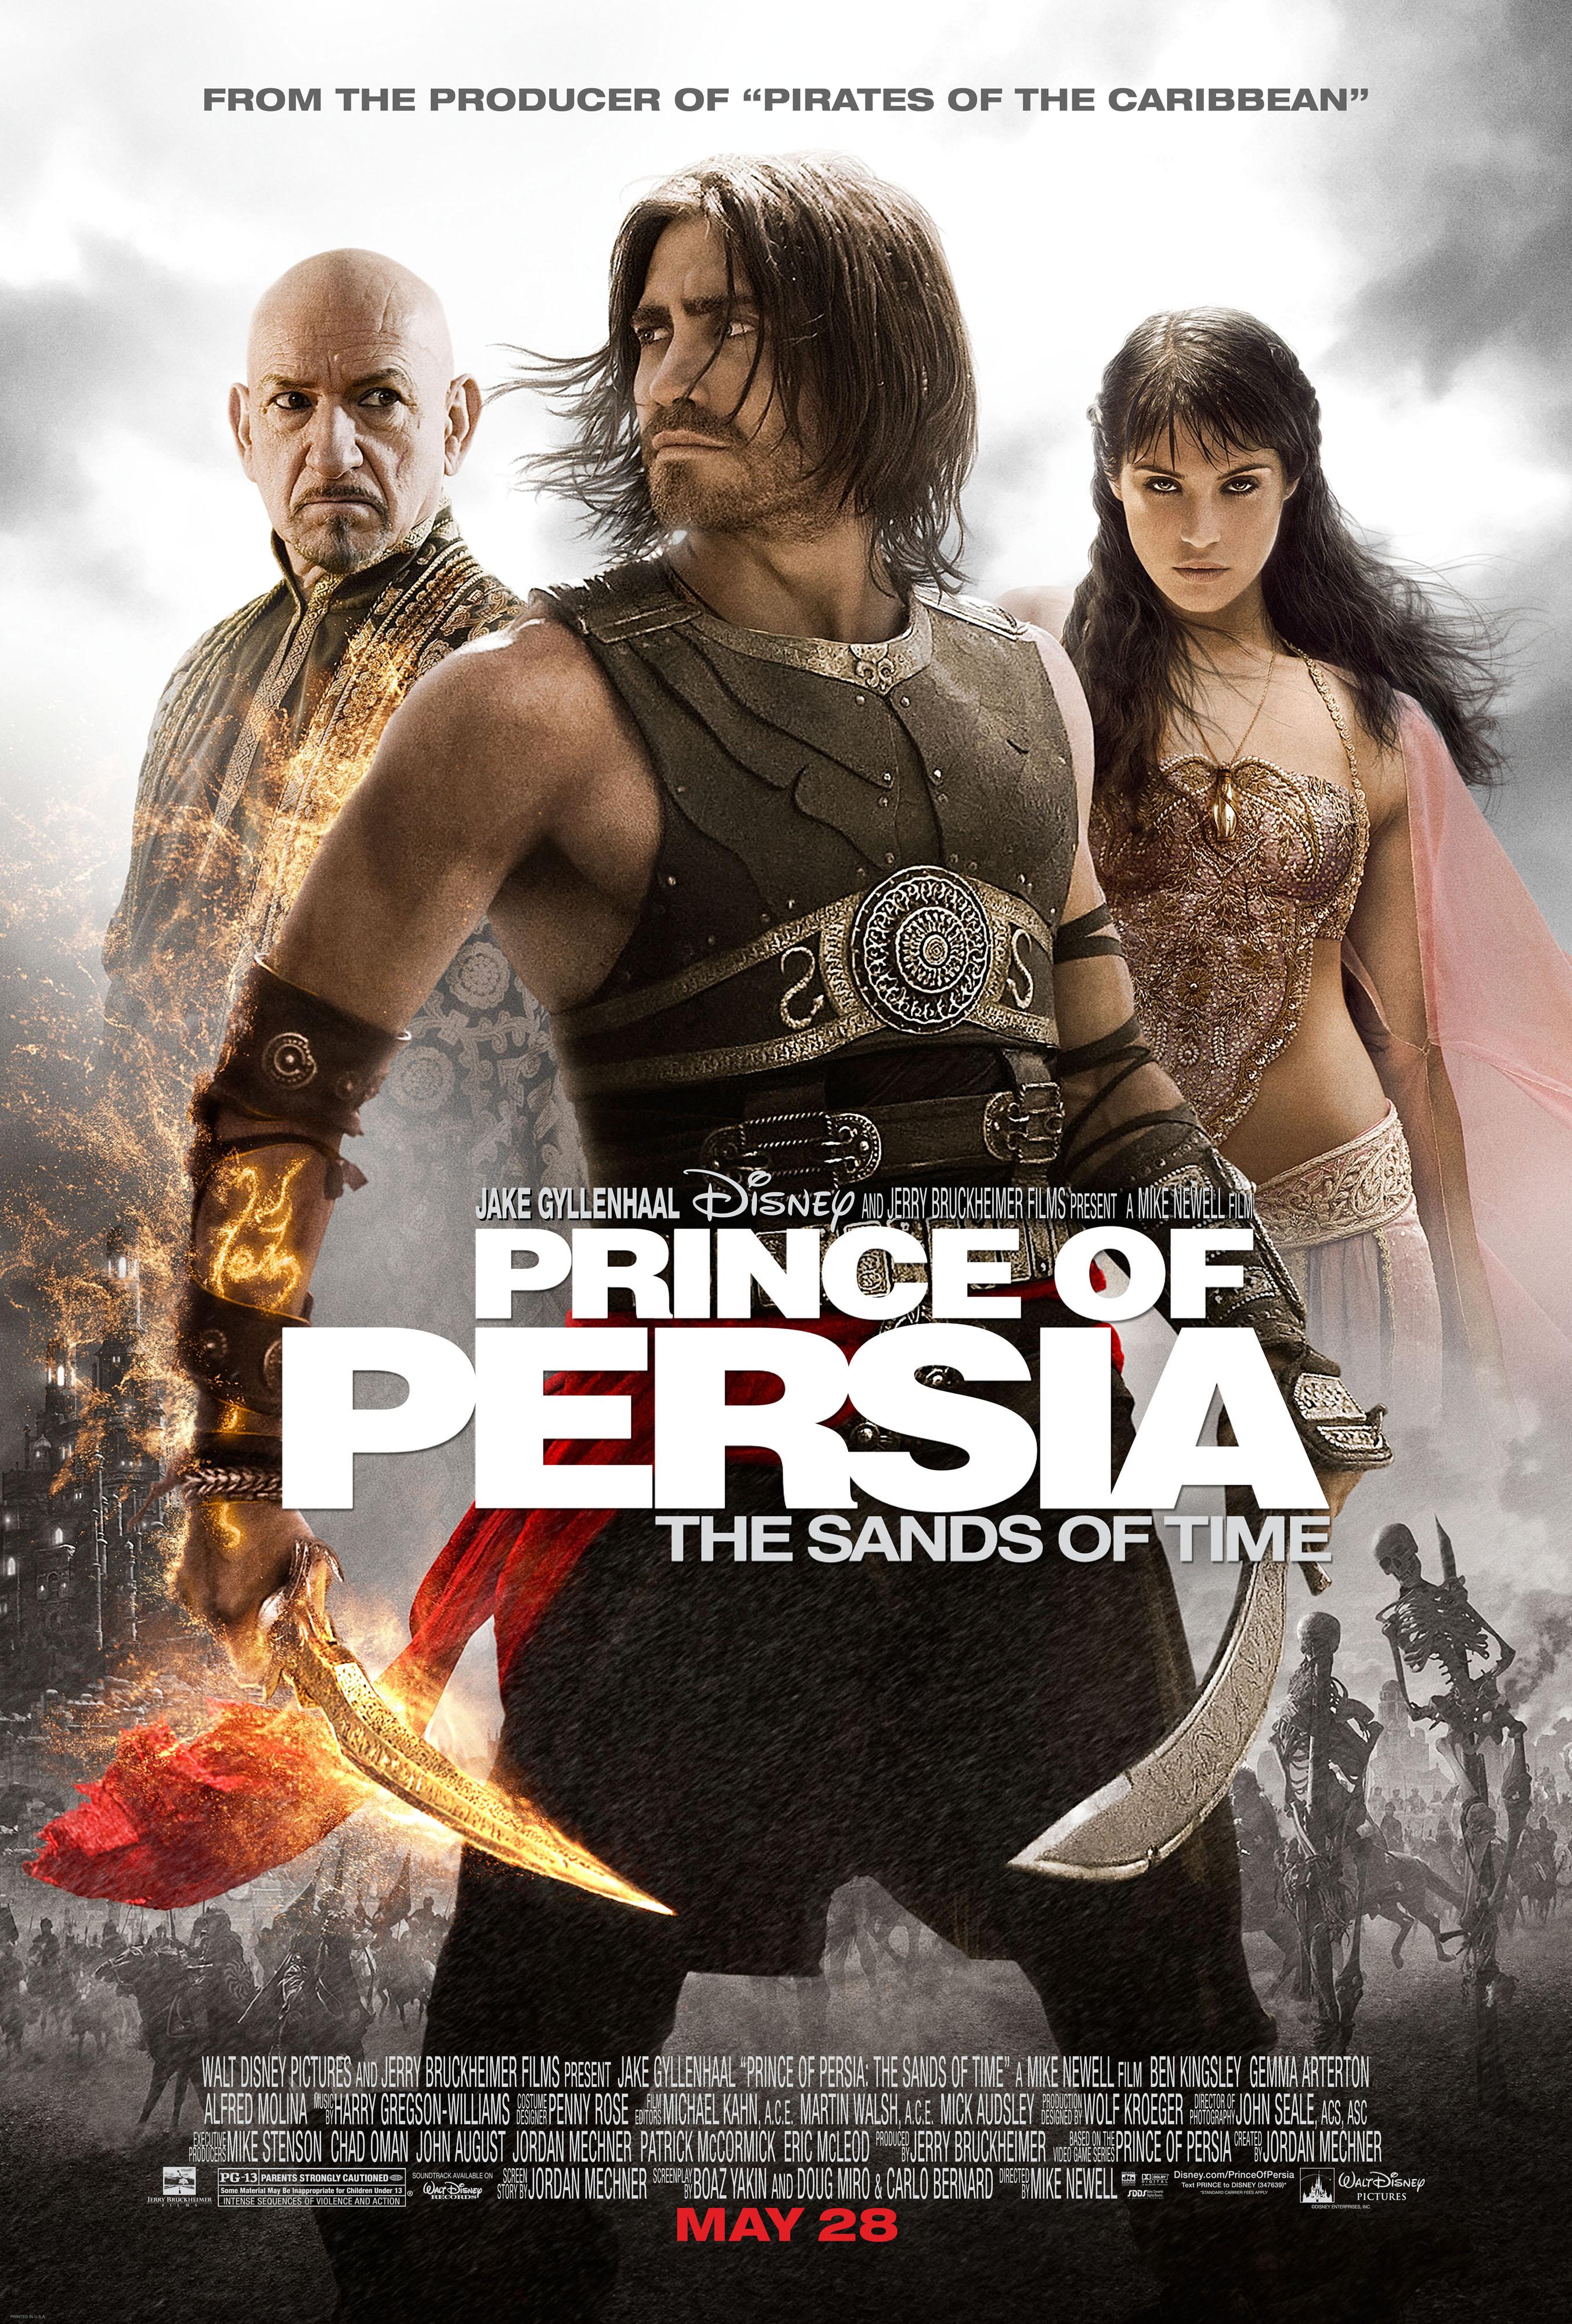 http://2.bp.blogspot.com/_W1ueYt1O3xs/S8MMzUPkR4I/AAAAAAAAUQU/pf3pLyu_1Gs/d/PrinceOfPersia_Poster.jpg